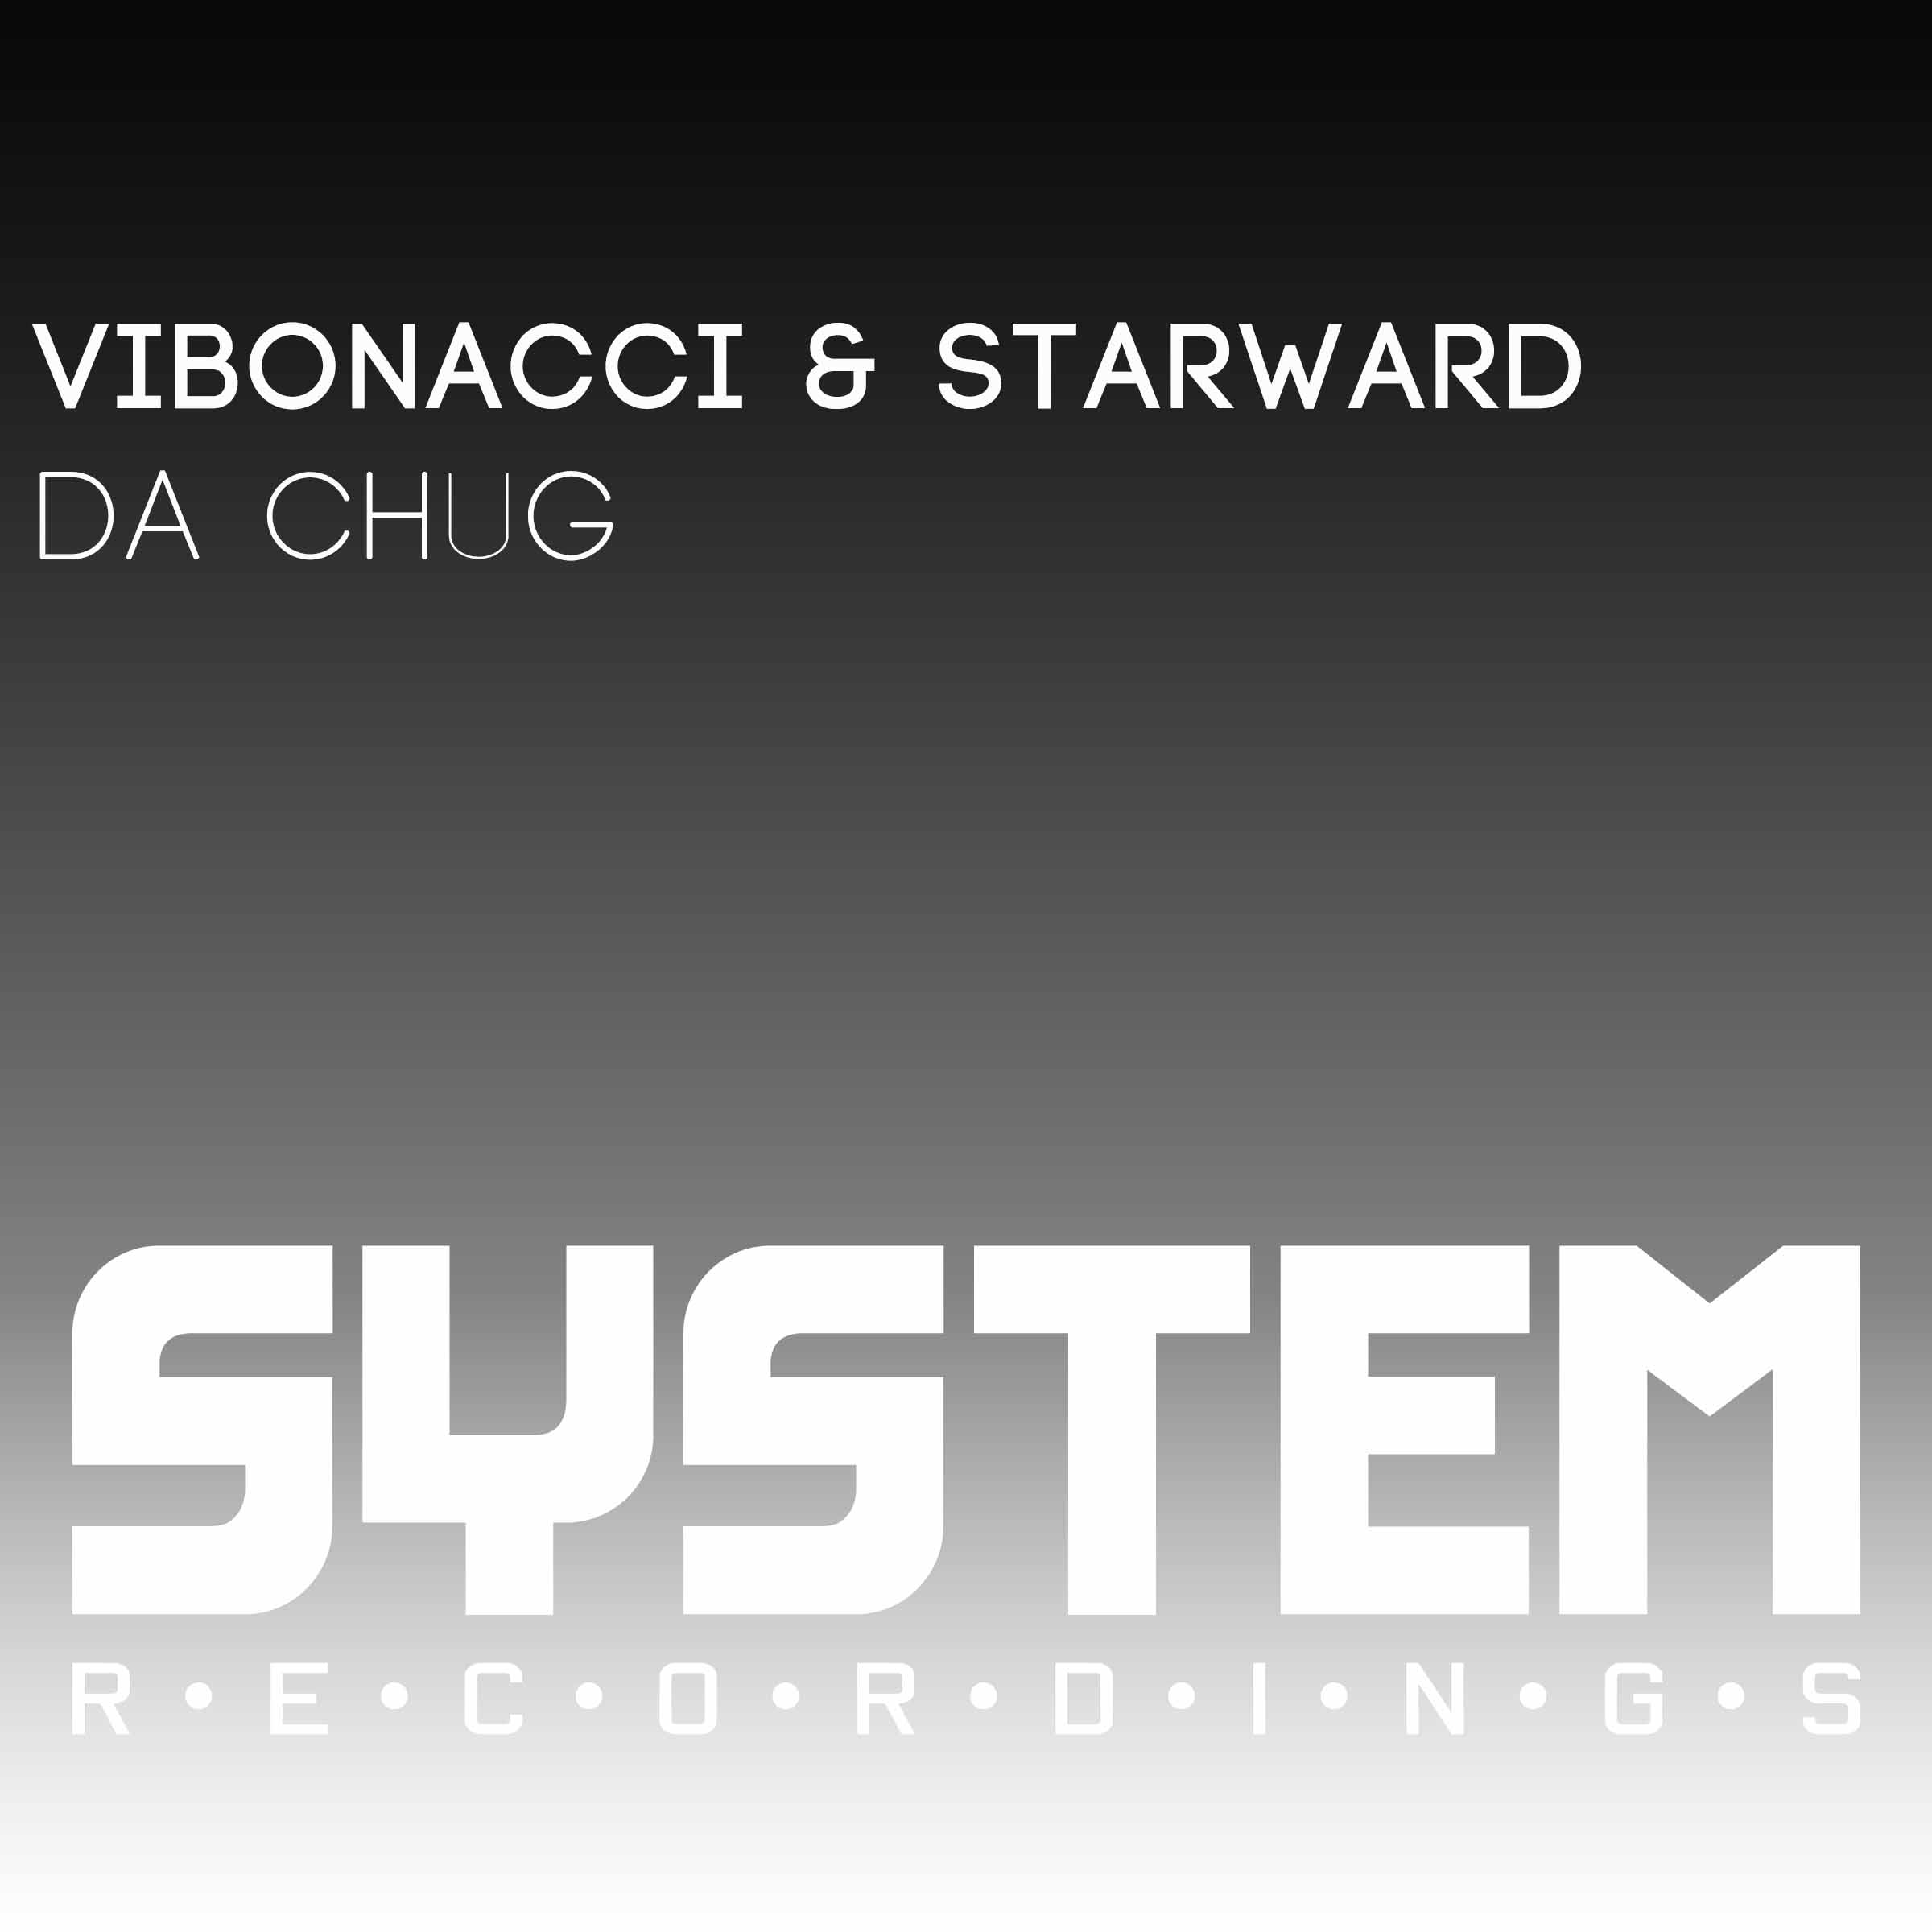 Vibonacci & Starward